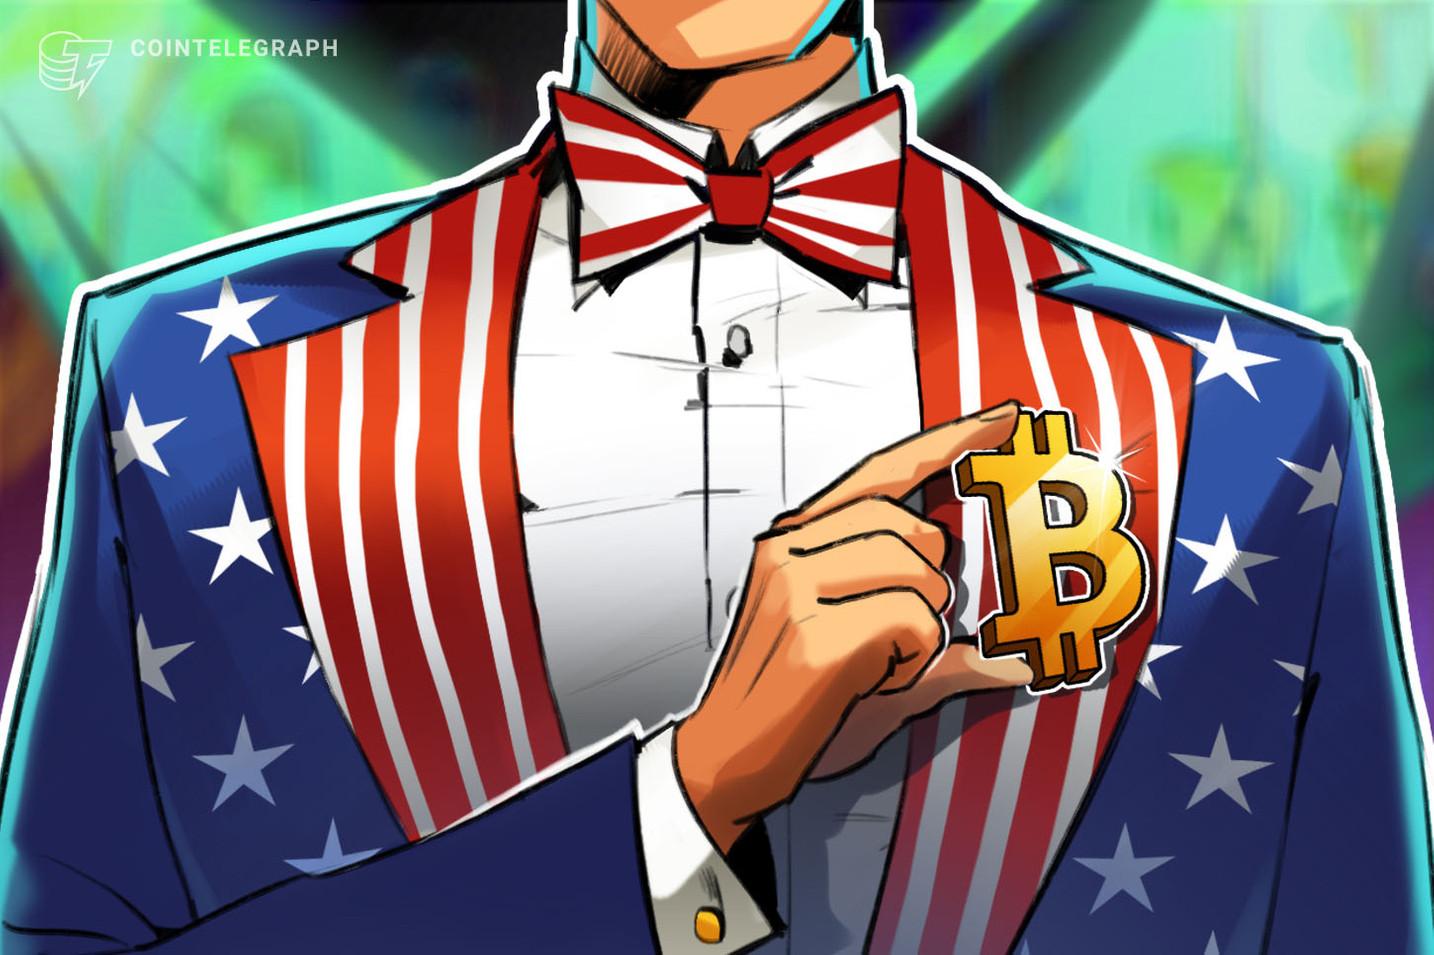 競争政策担当の大統領特別補佐官のティム・ウー氏、ビットコインで100万ドル以上を保有